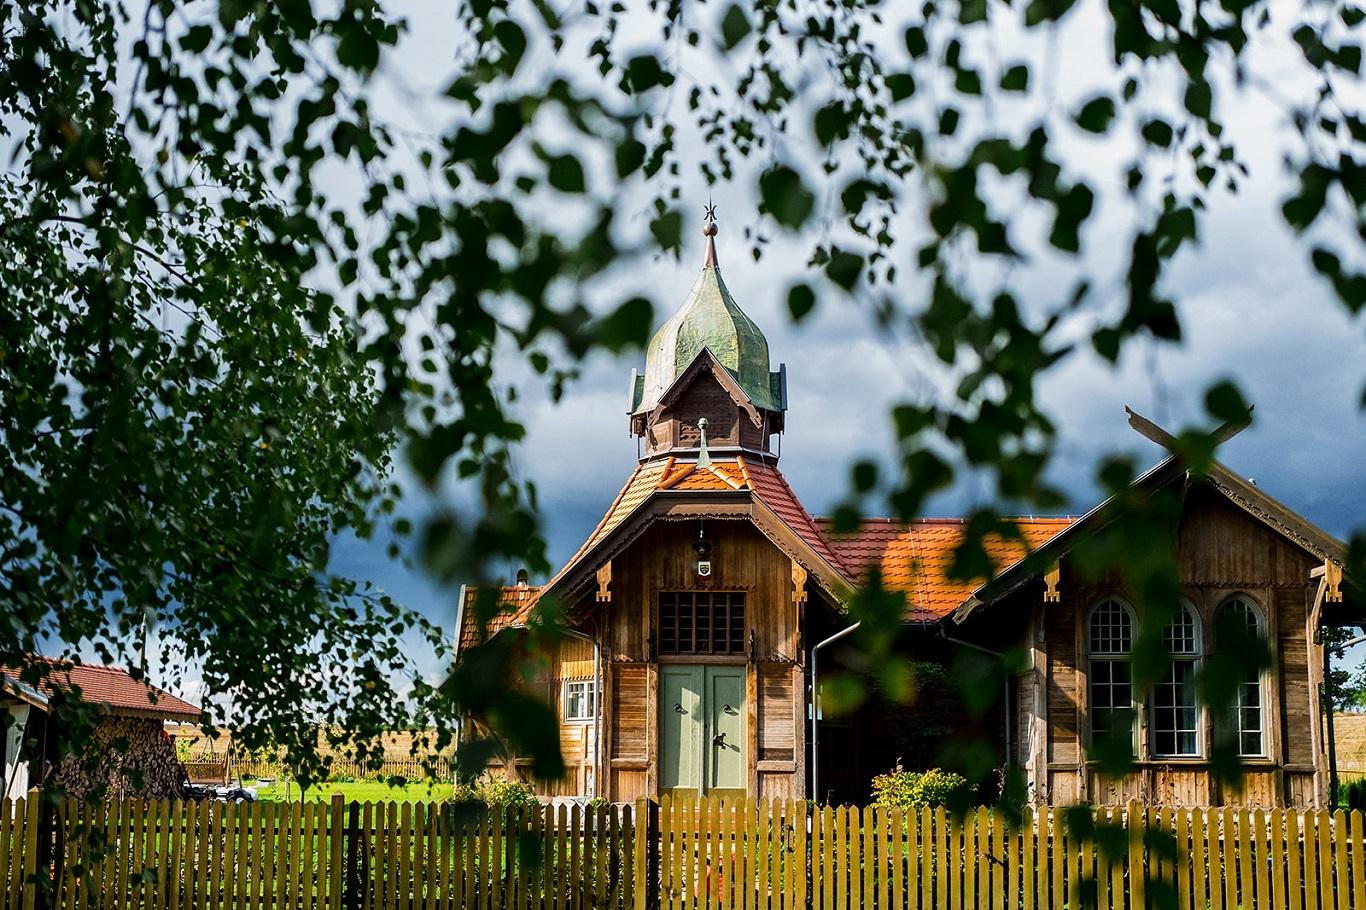 Dworzec Cesarza Wilhelma - Where will I sleep?